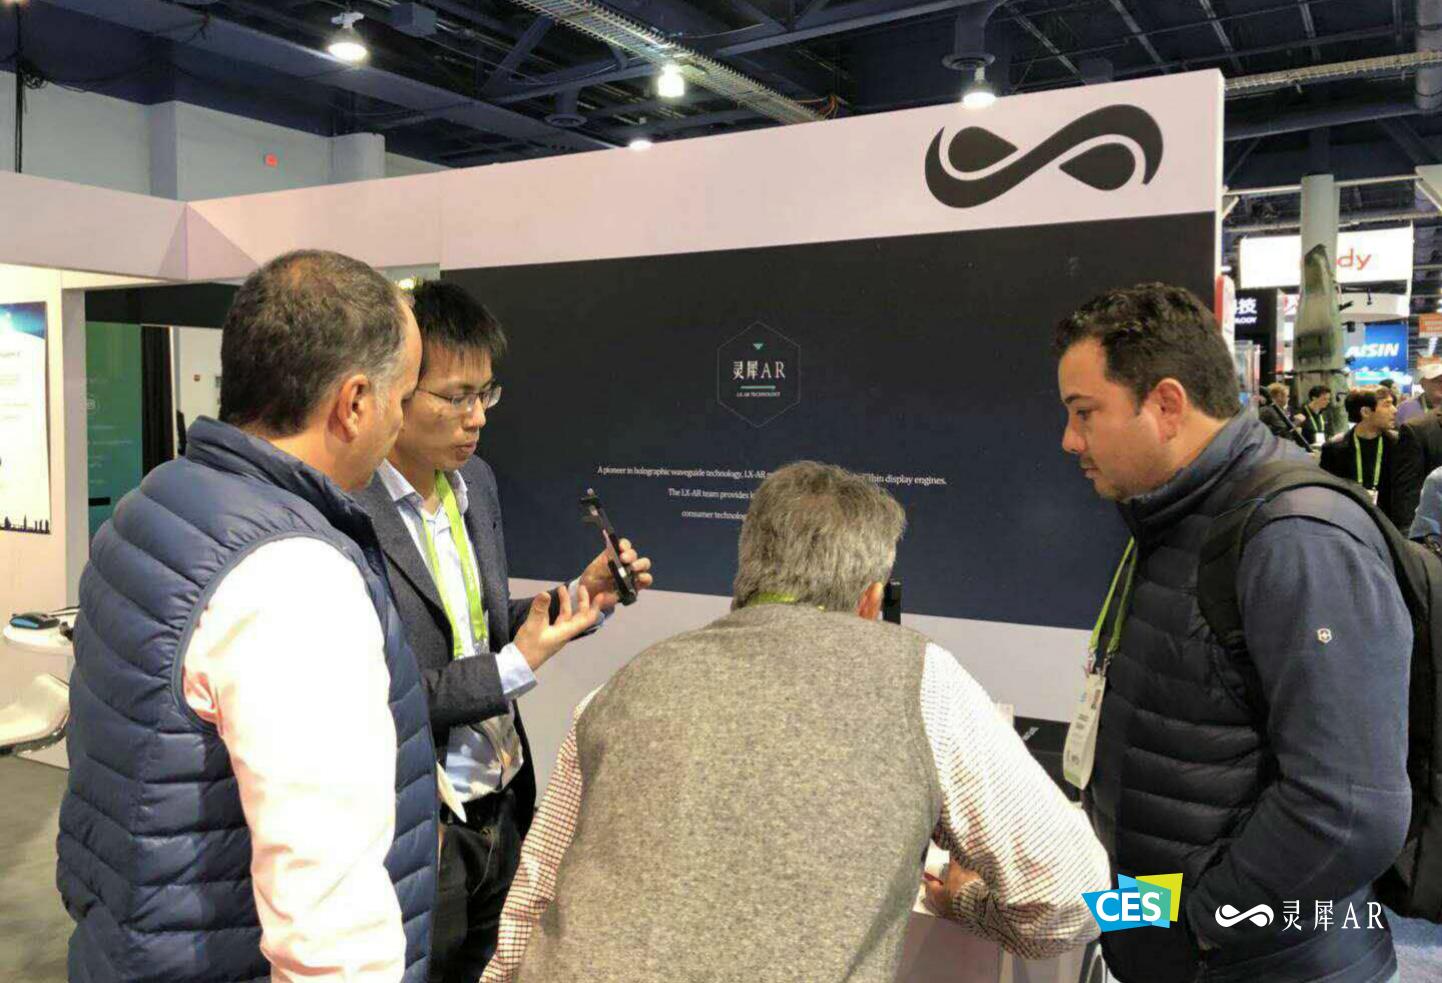 灵犀微光CES展示Mini-Glass模型,720p分辨率仅重110g